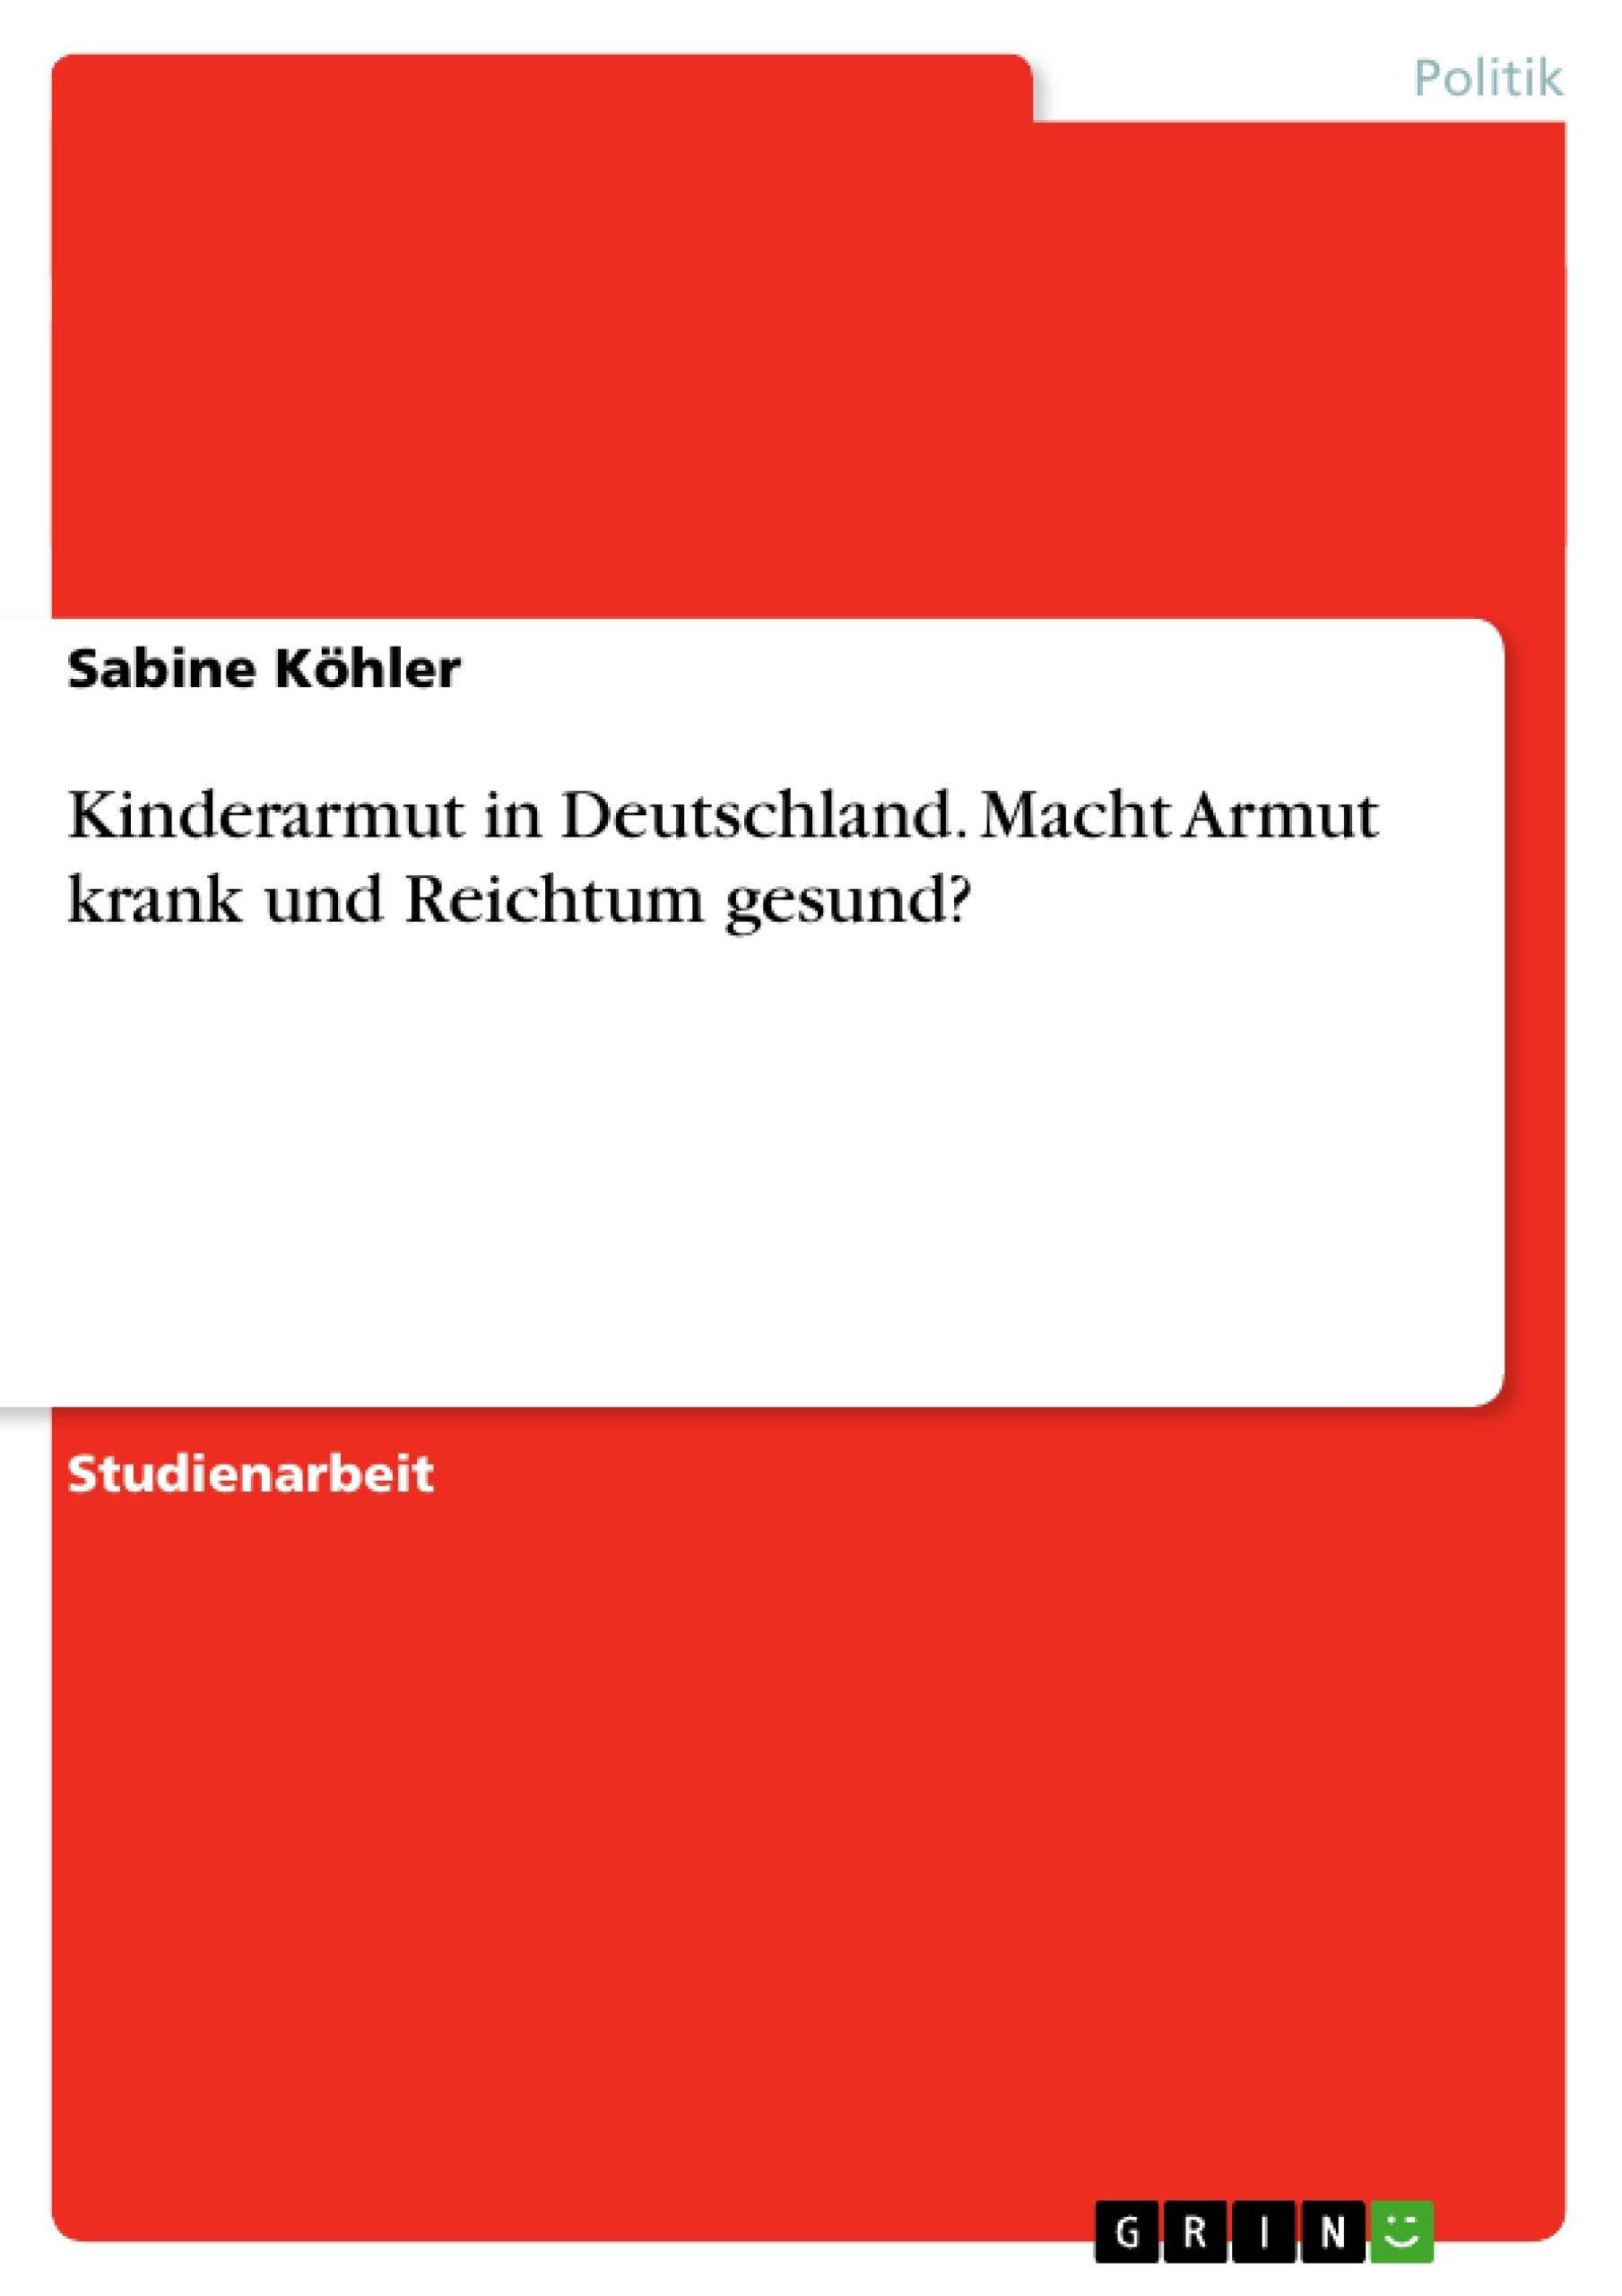 Titel: Kinderarmut in Deutschland. Macht Armut krank und Reichtum gesund?